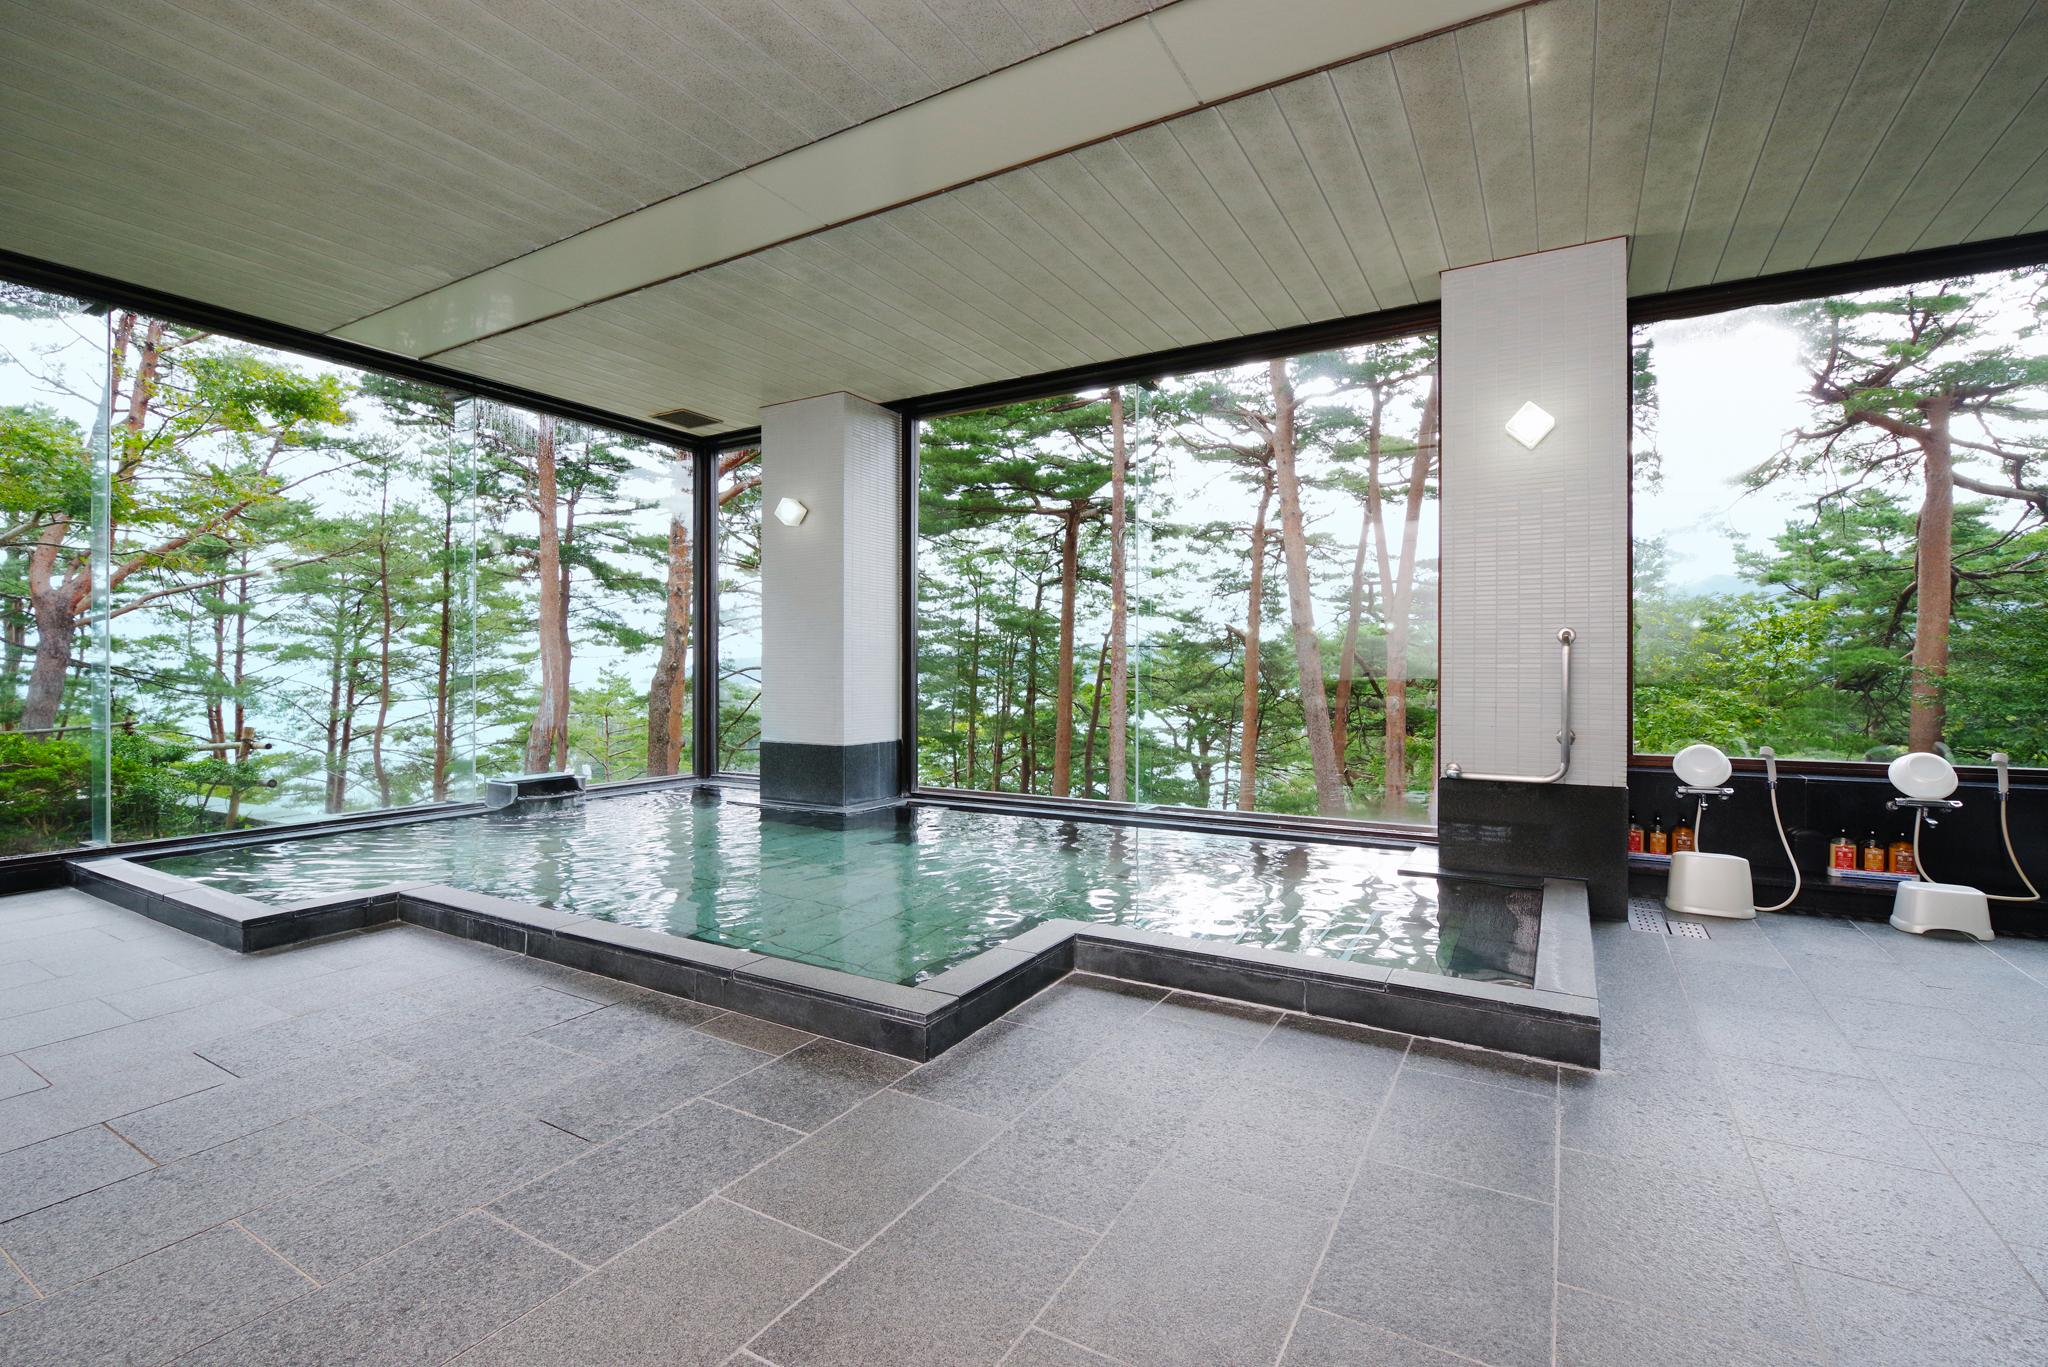 [30泊]6連泊(日~金)×5週 松林側 和室10畳 1名利用プラン